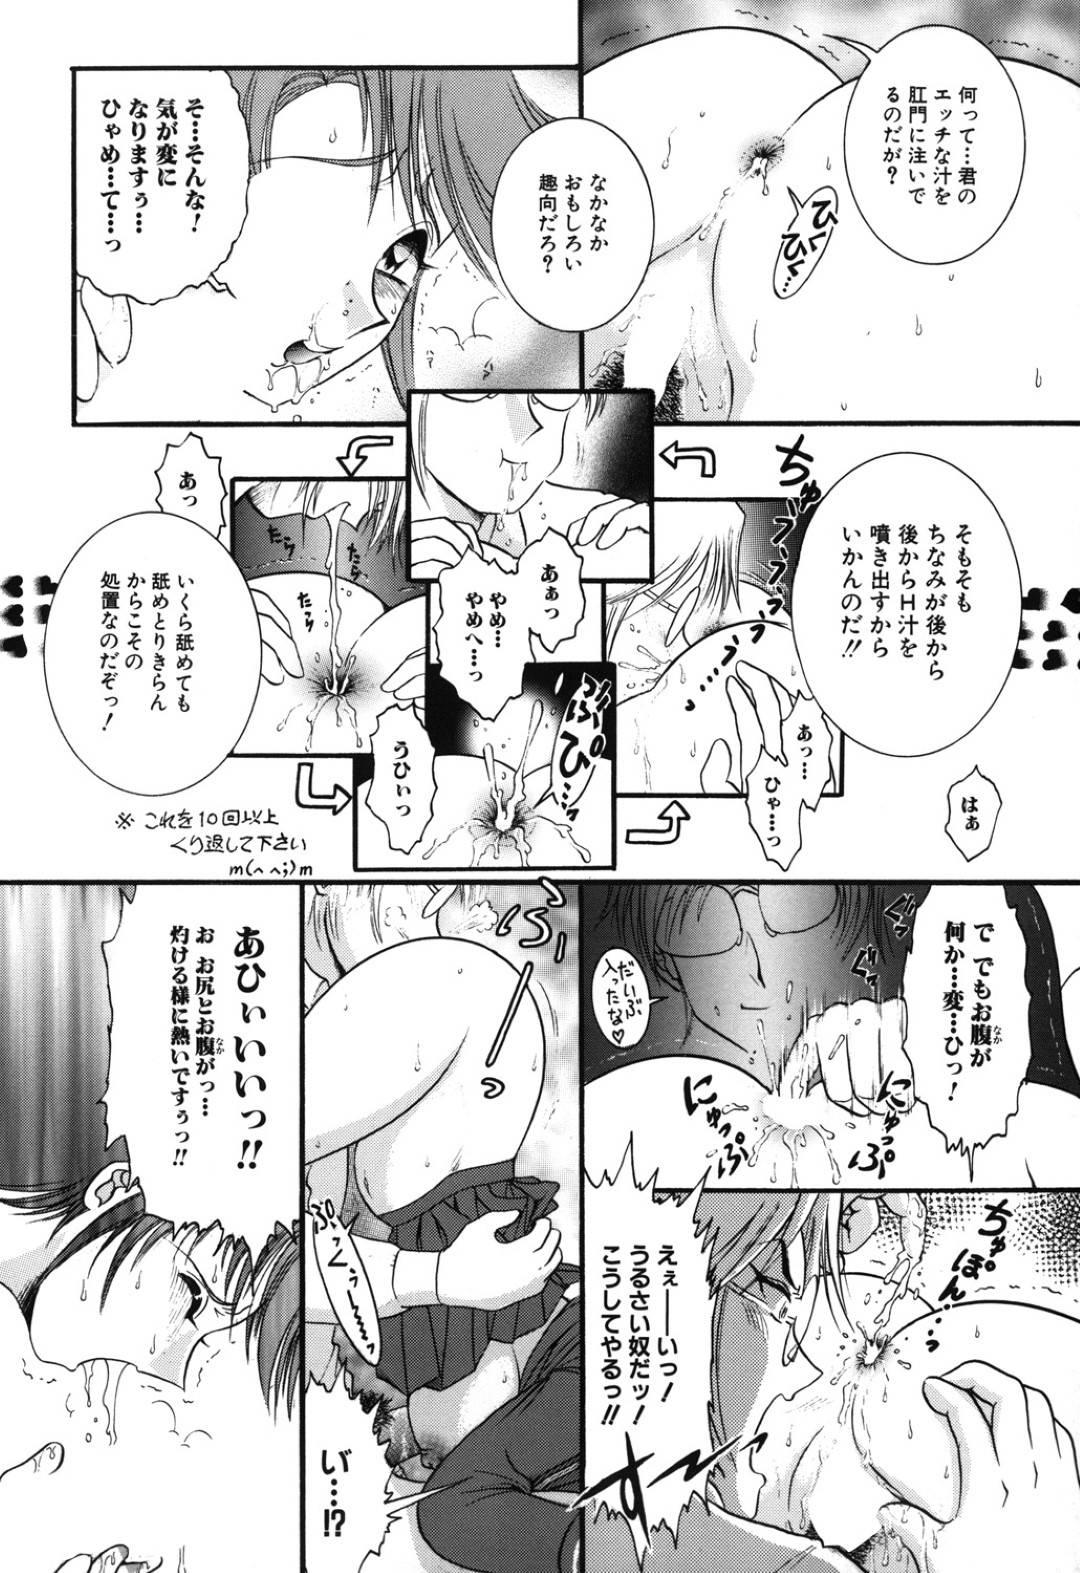 【エロ漫画】彼氏の男性教師にアナルを舐められる処女JK…保健室でもアナルを調教され学校で絶頂してしまう!【YASKA】